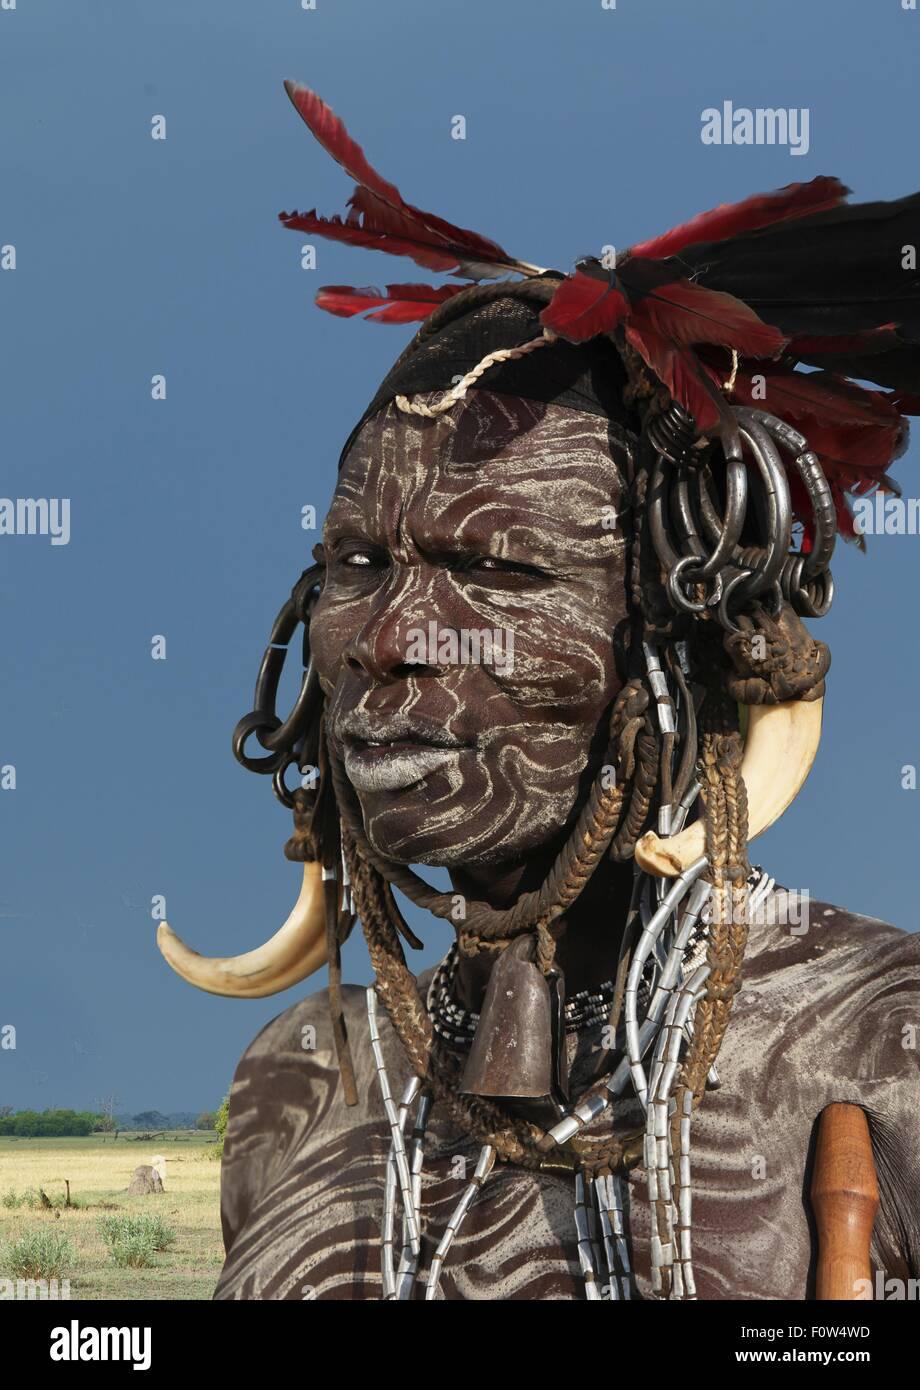 Portrait de l'homme de la tribu Mursi décoré avec la peinture pour le visage, l'Éthiopie, Photo Stock